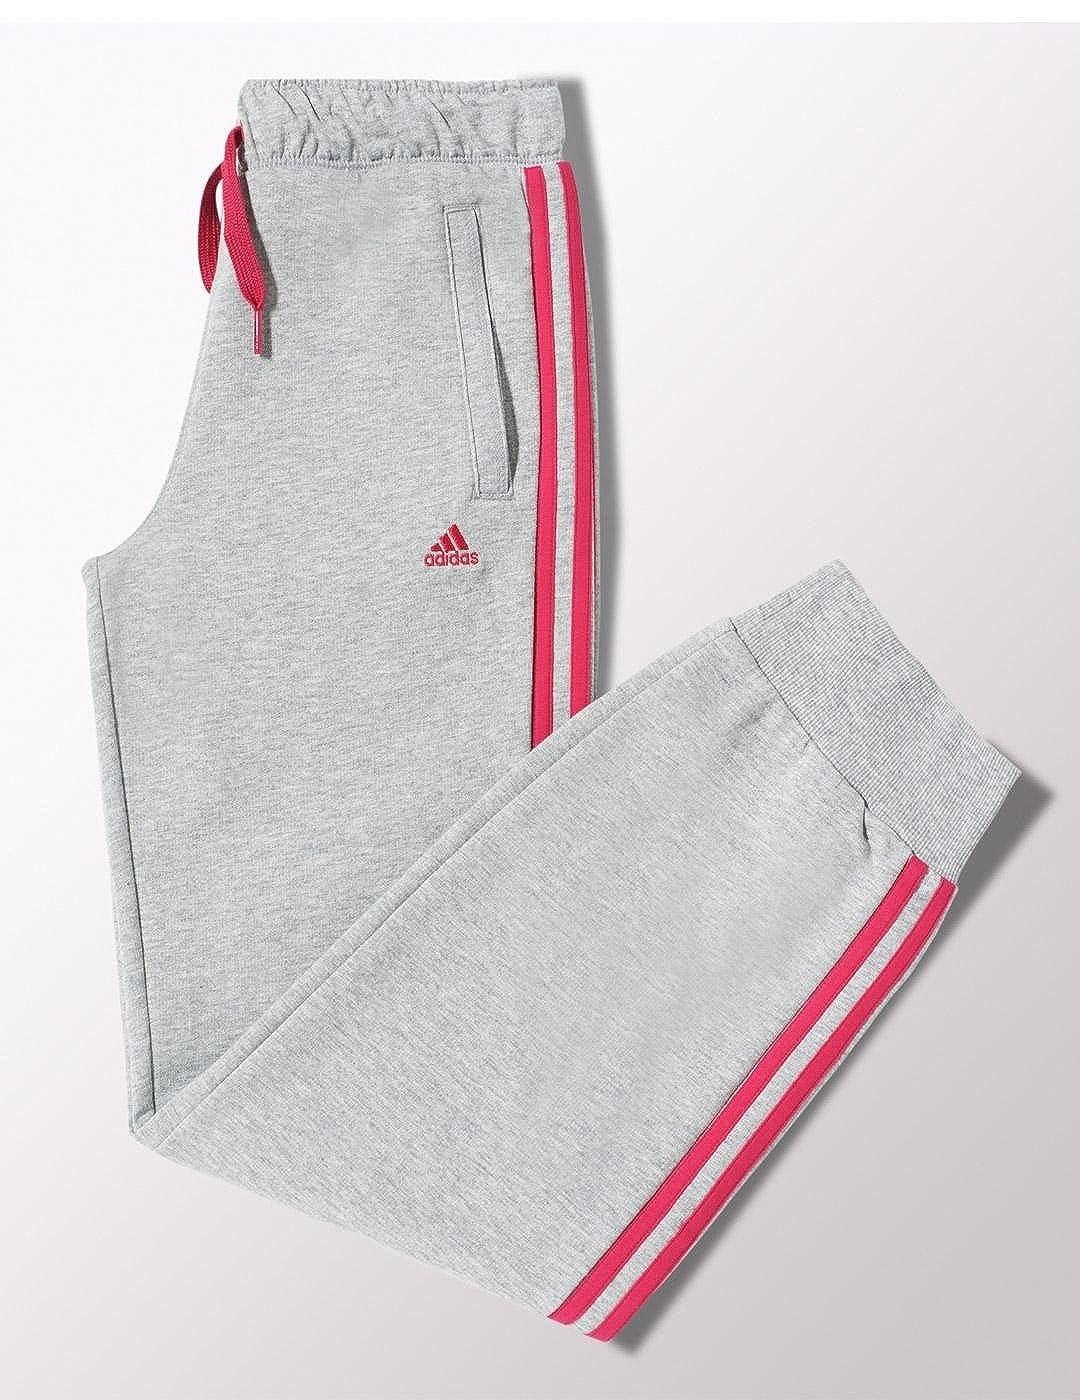 adidas Junior Girls Pants Tracksuit Bottoms 100% Cotton Jog Joggers Grey Pink